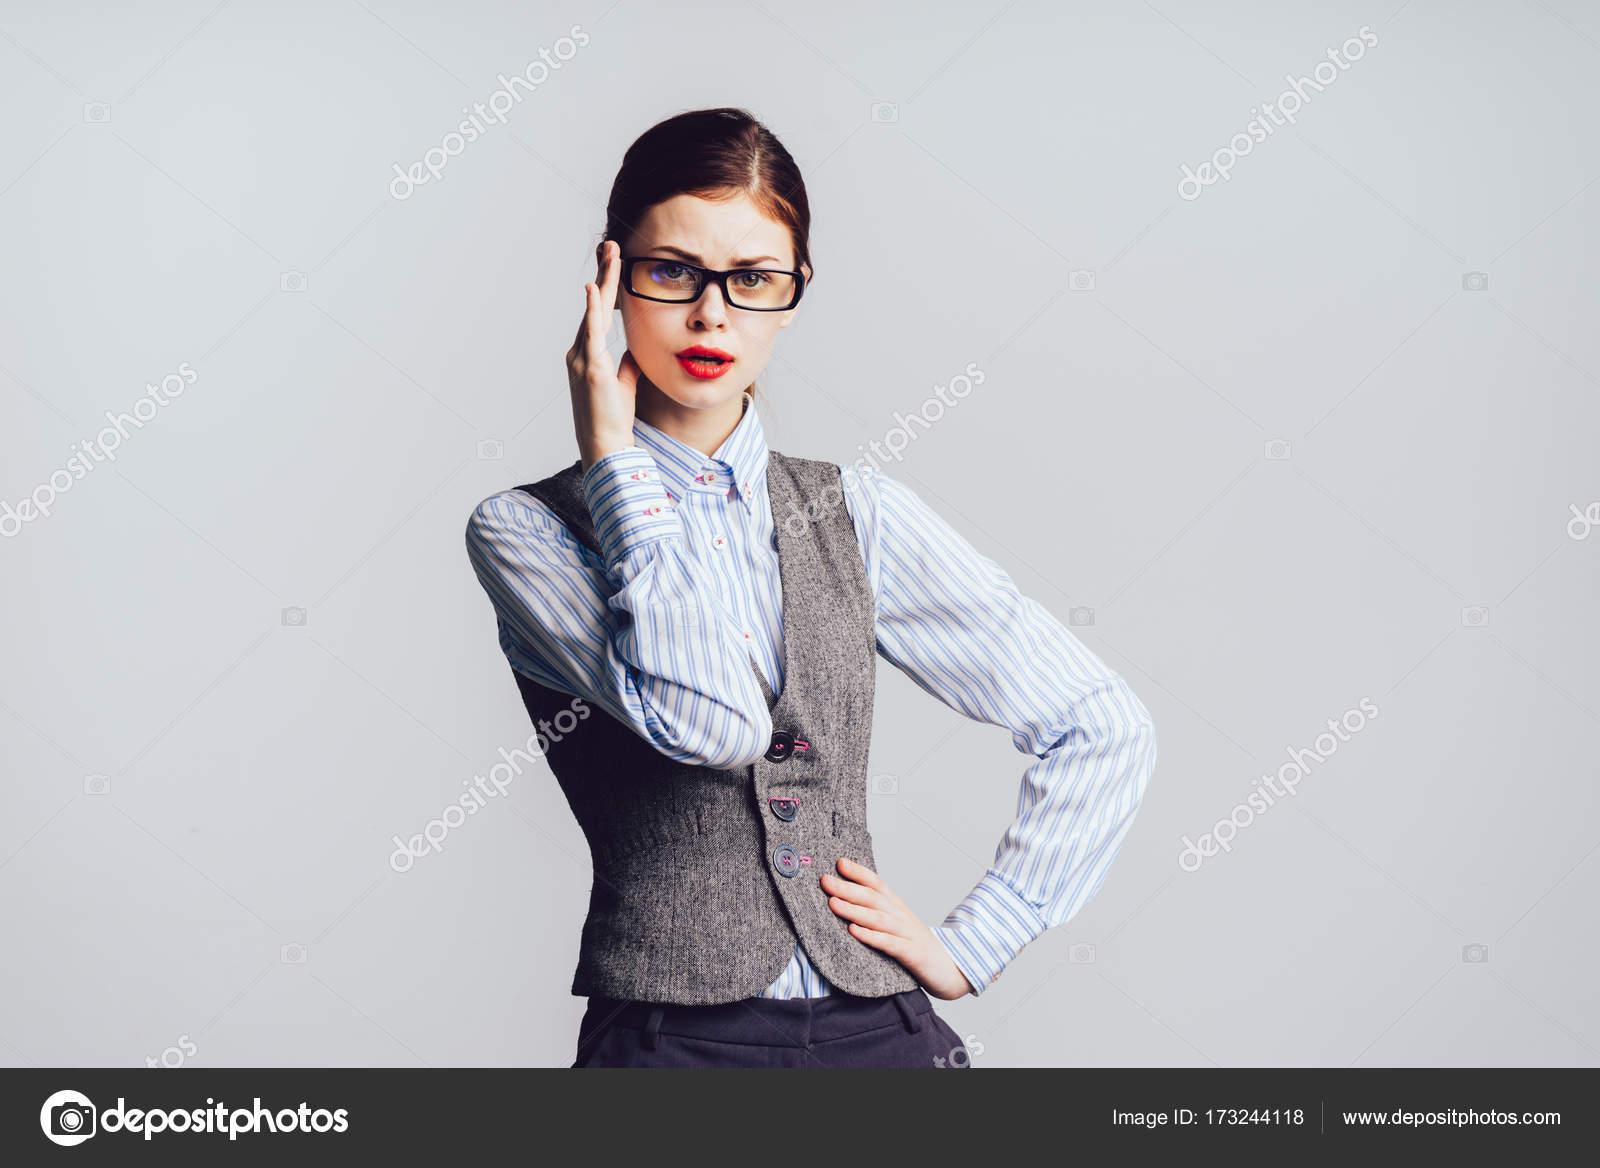 64ae987674d0 Elegante ragazza giovane seria in occhiali e vestiti dell ufficio in posa